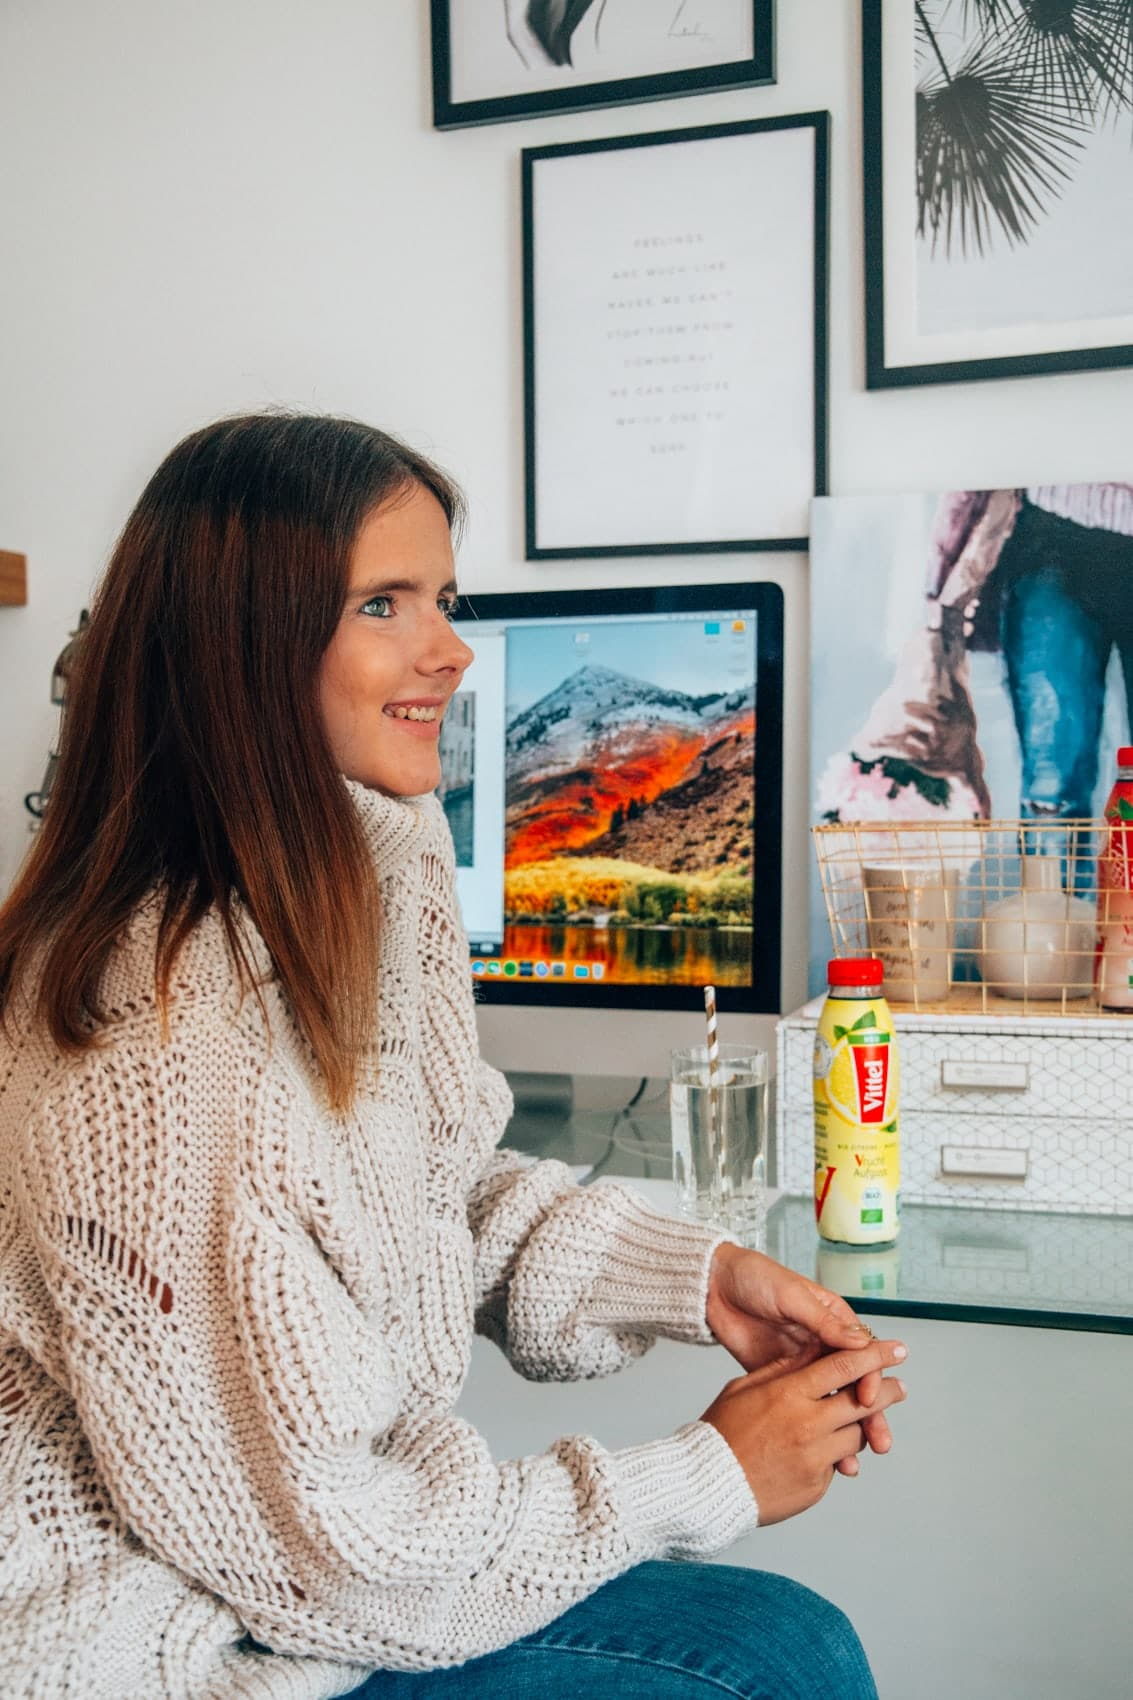 Selbstständig als Blogger: Tipps für mehr Produktivität im Homeoffice